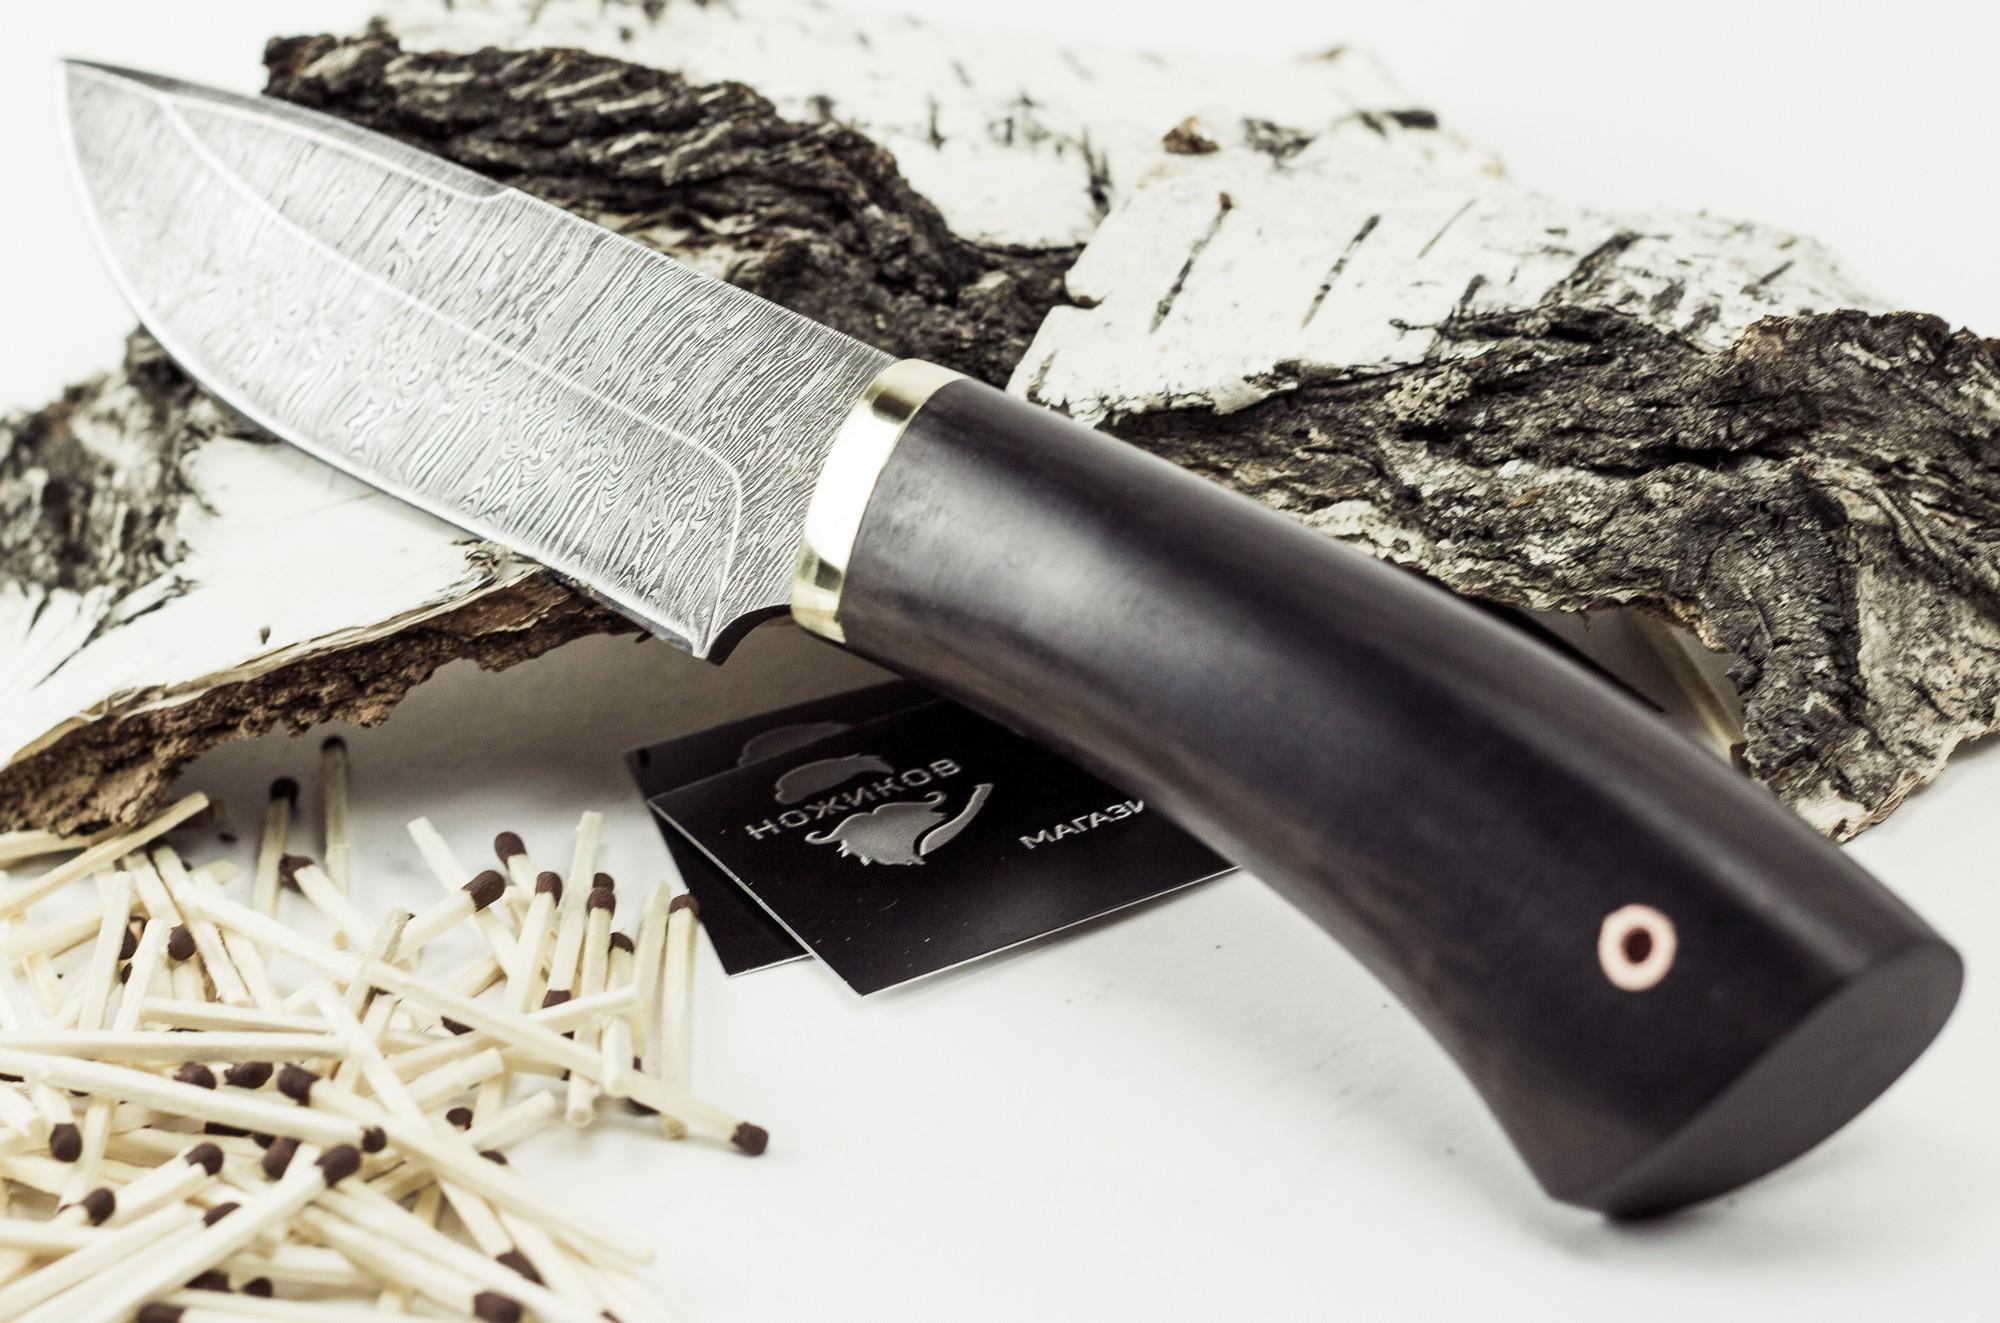 Фото 7 - Нож Старатель, дамасская сталь от Промтехснаб